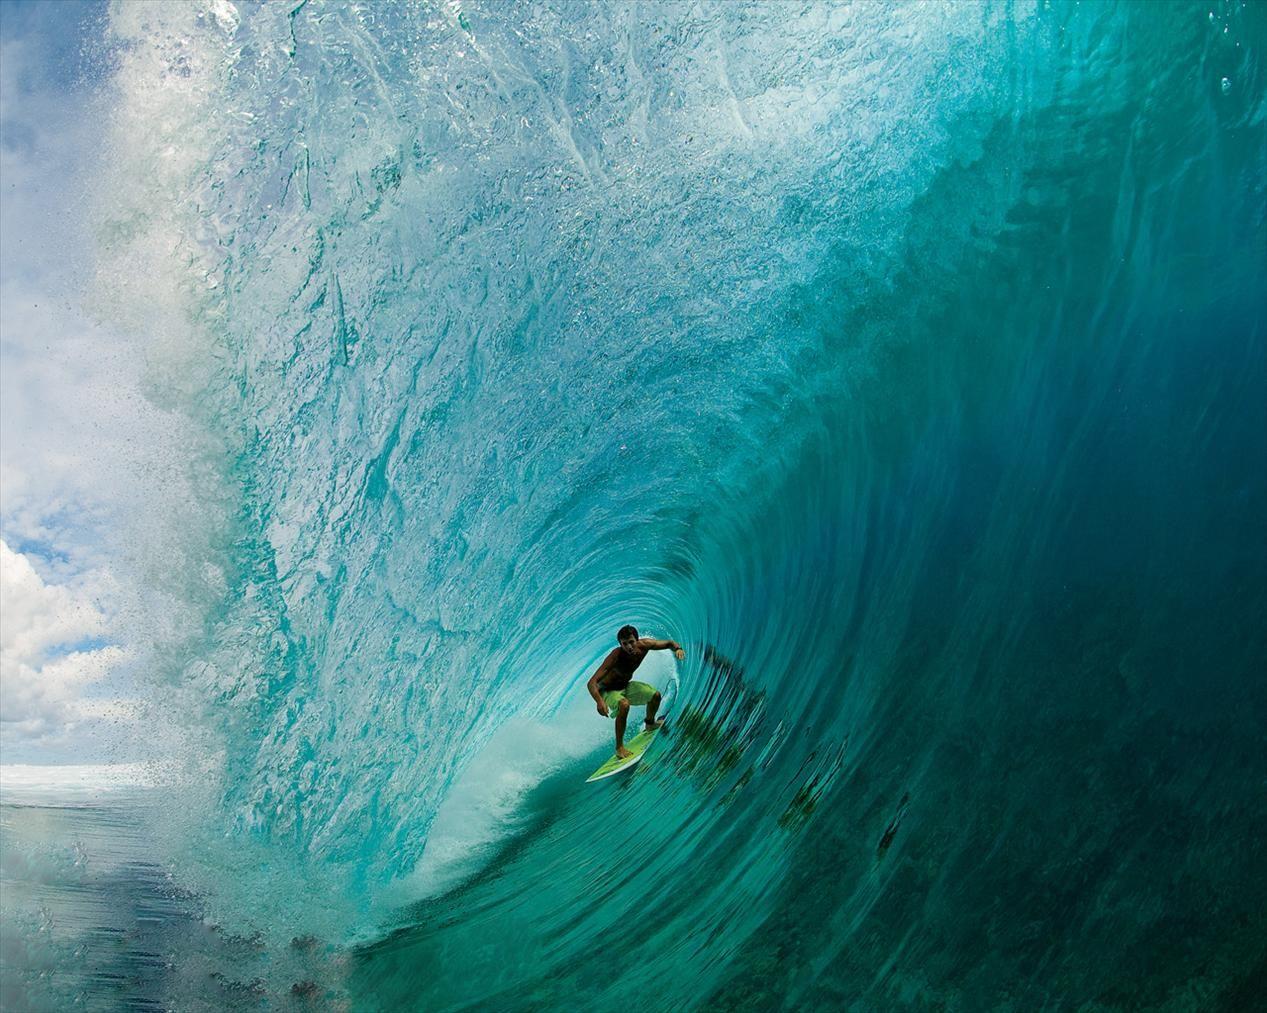 Barrel Surfing Wallpaper Hd